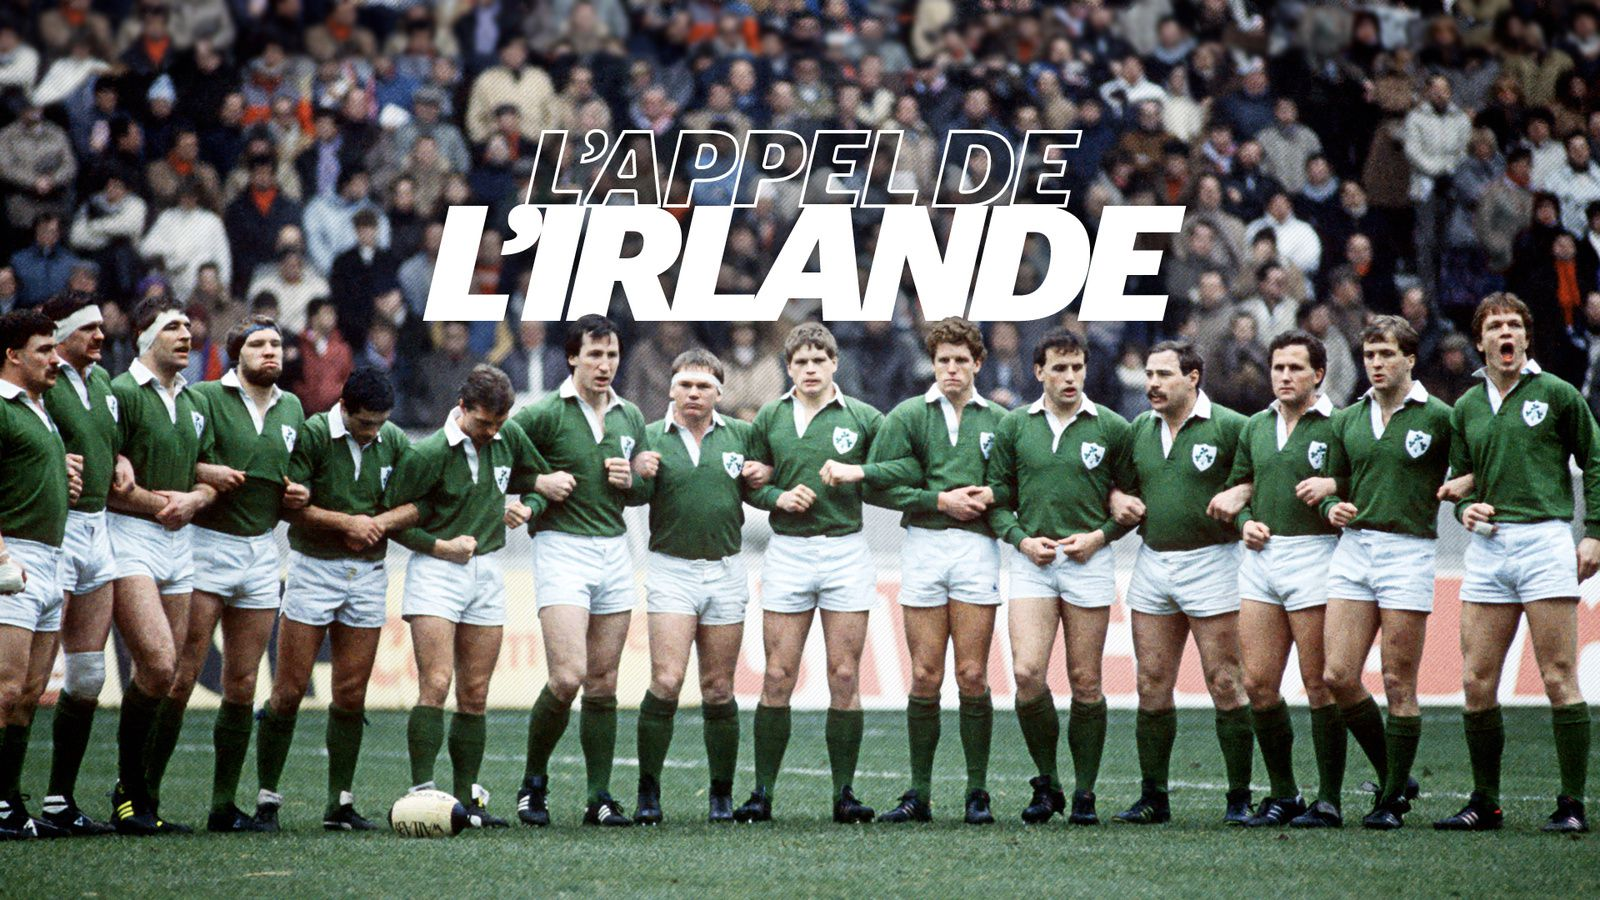 L'appel de l'Irlande